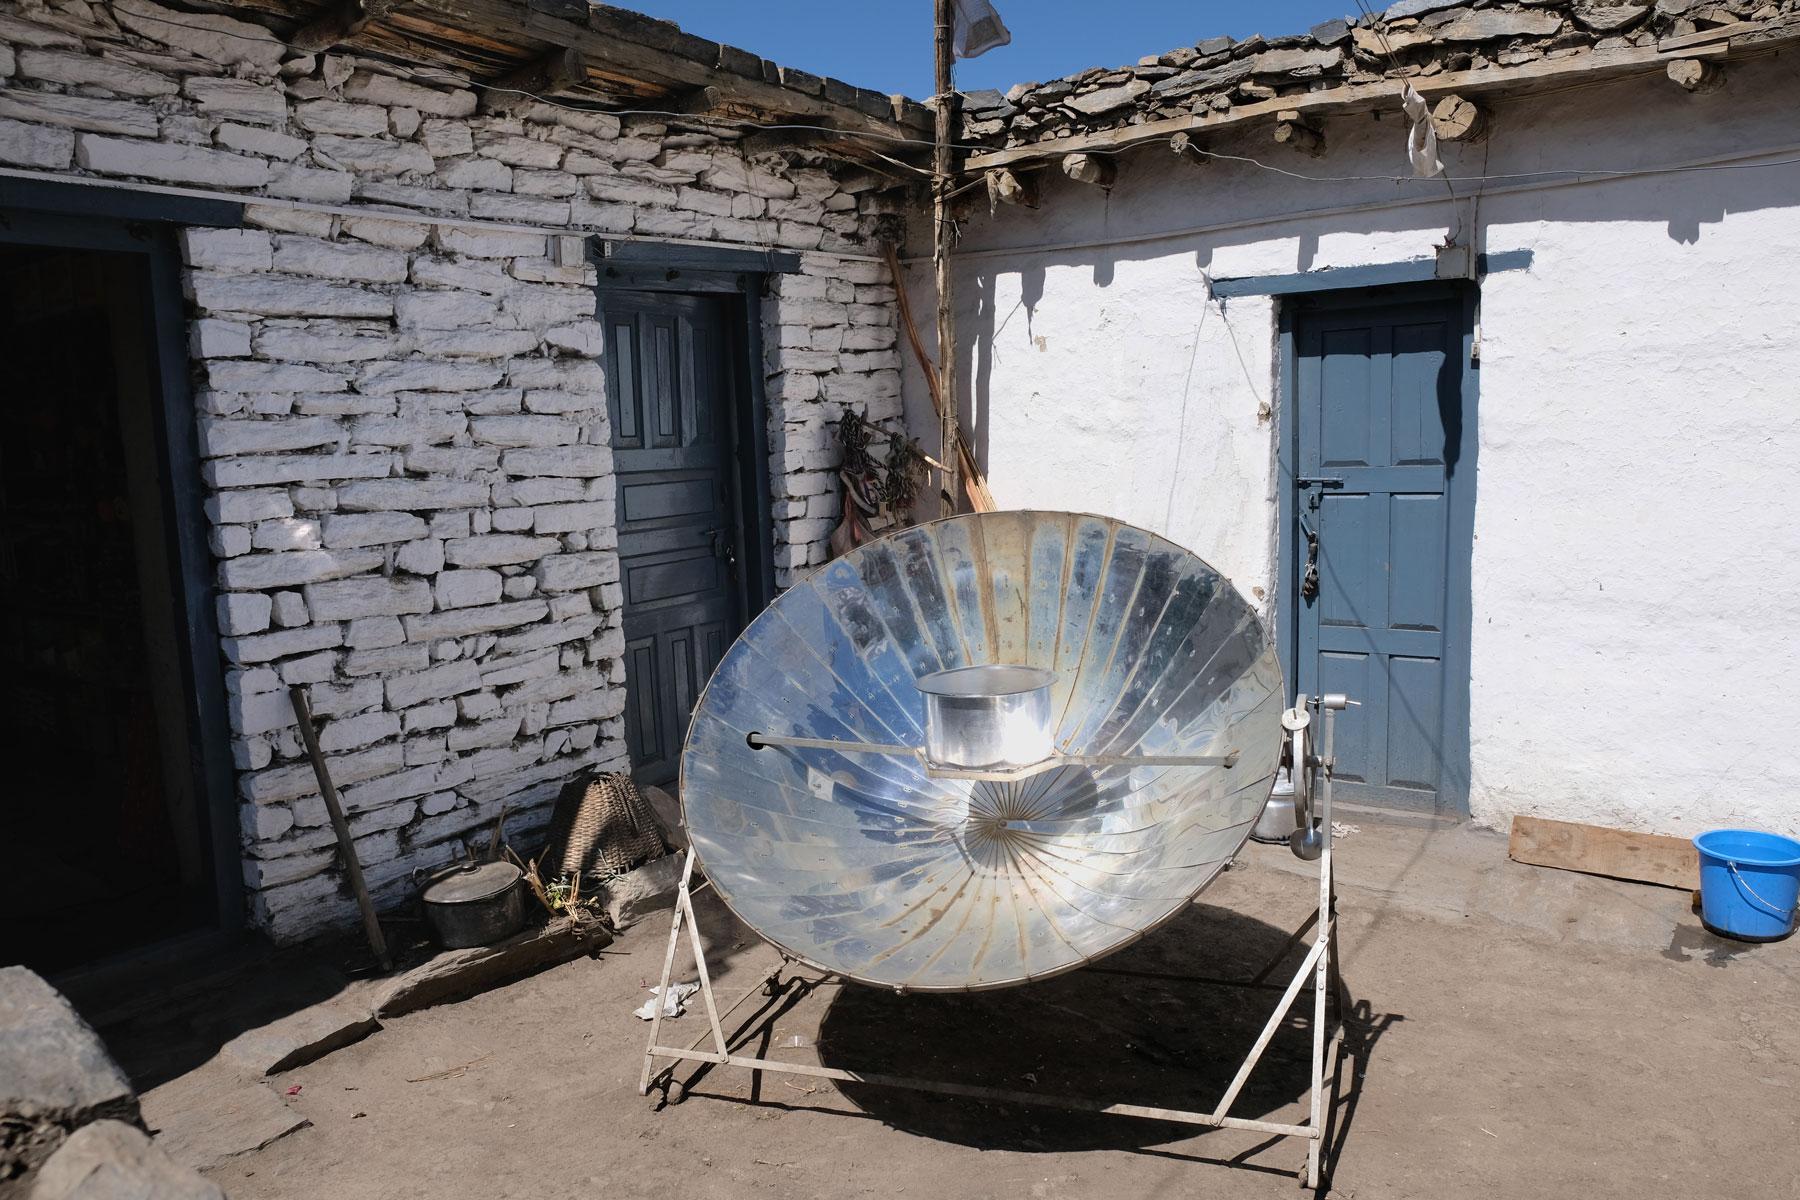 Ein Solarkocher auf dem ein Topf steht.